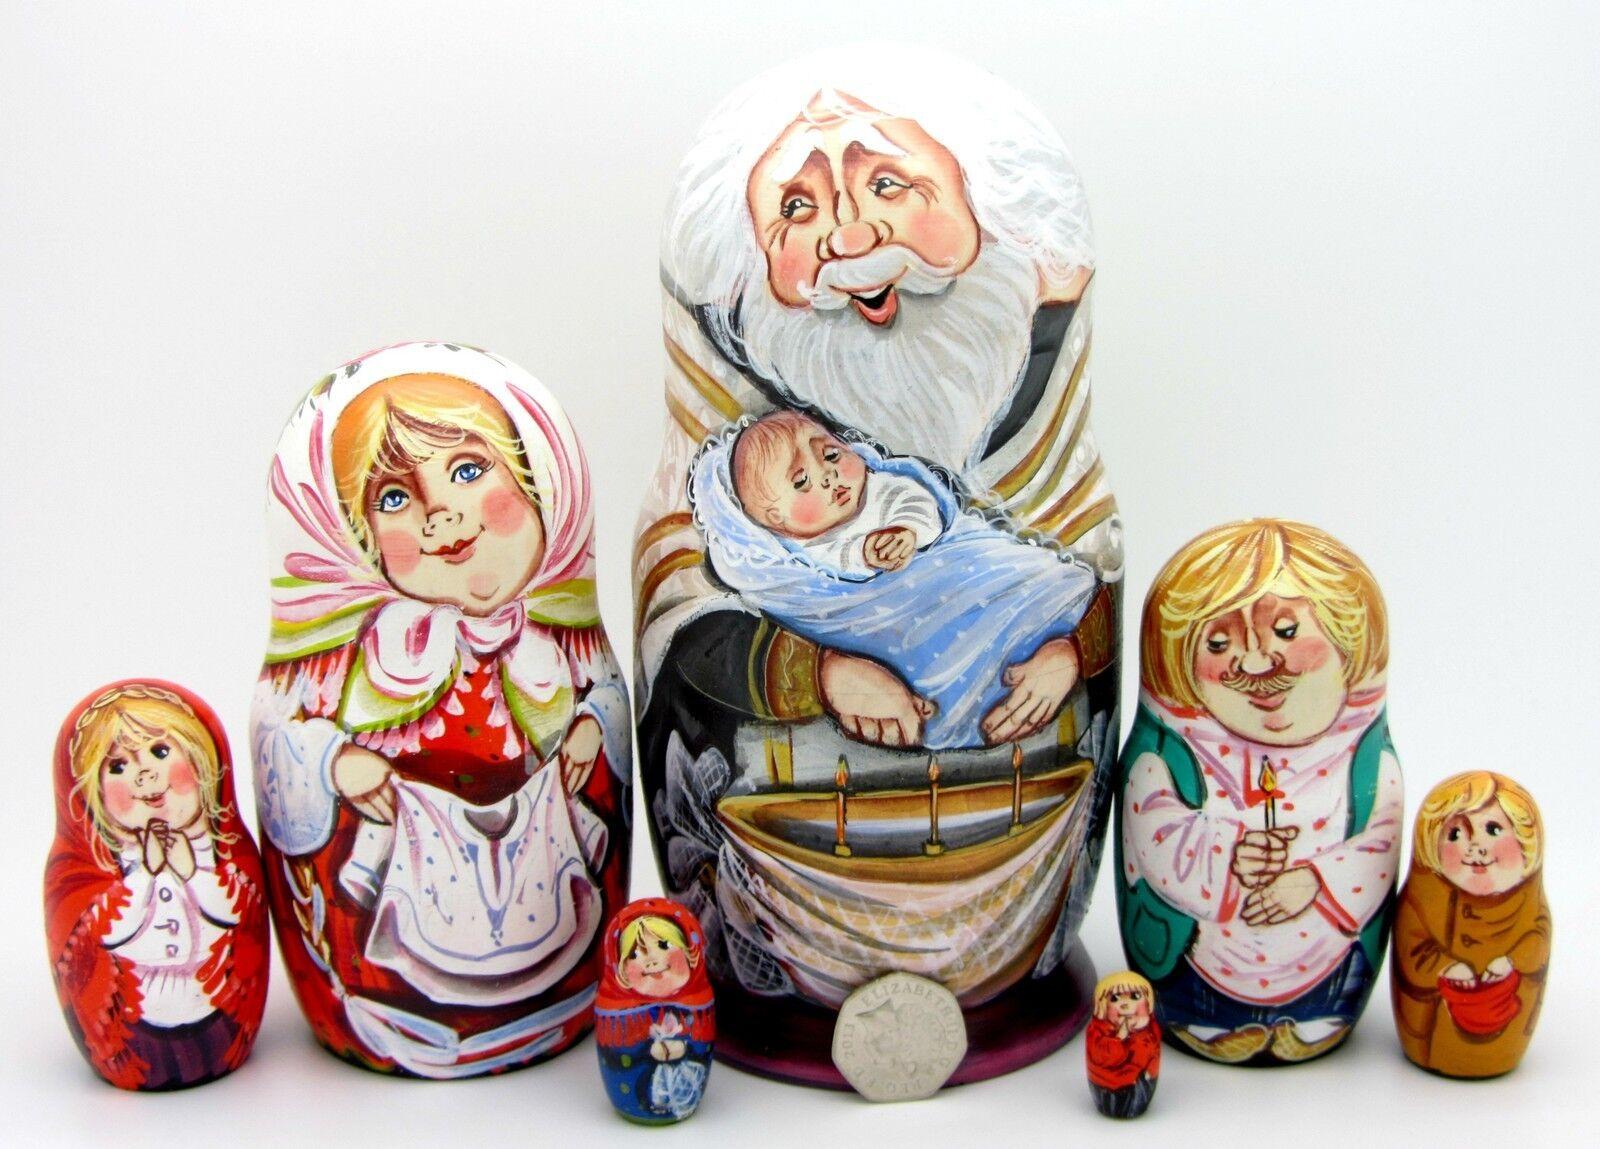 Matriosca Russa Bambole Battesimo in Dtuttia Russia  Ortodosso Church 7 Sergeyeva  popolare